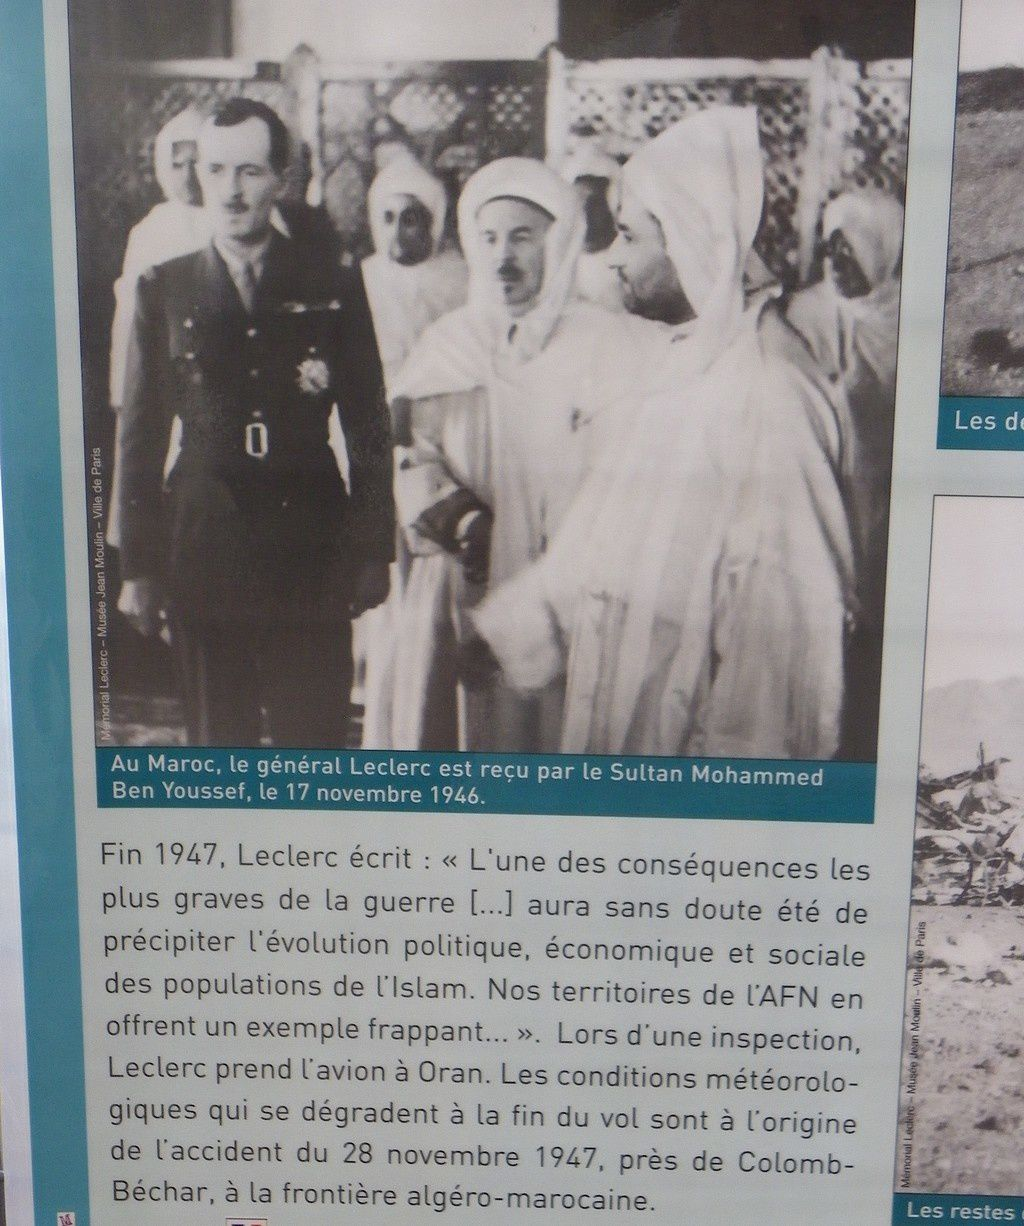 Mort du Général Leclerc en 1947